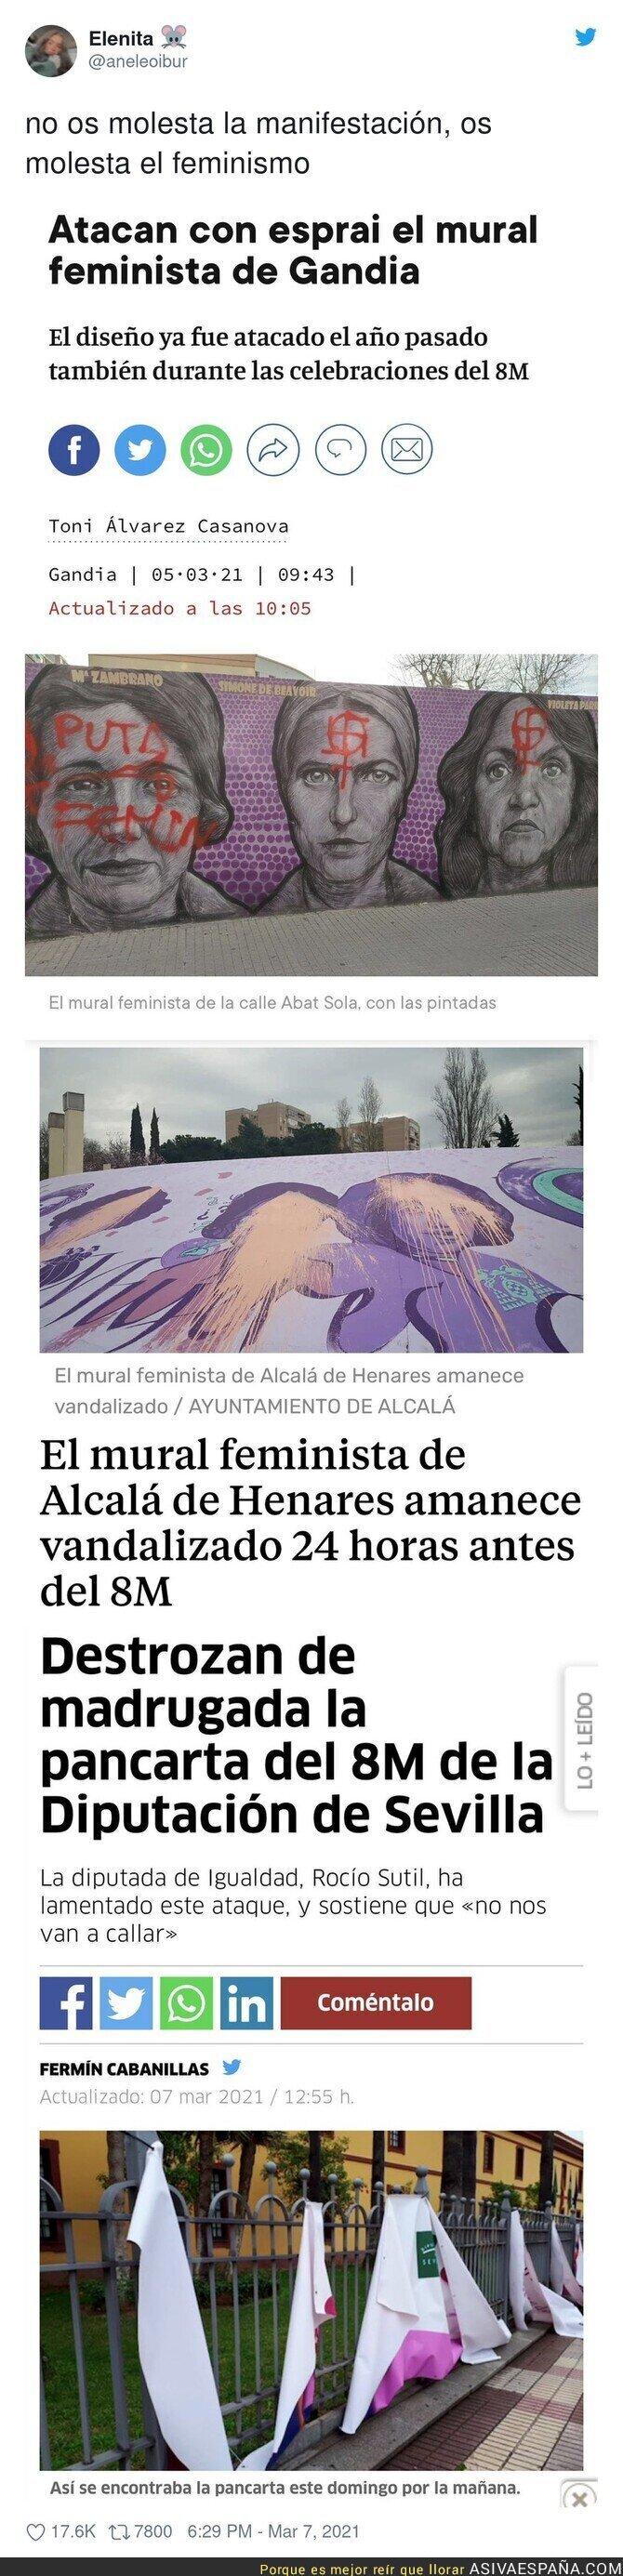 634955 - Así ataca la ultraderecha al movimiento feminista